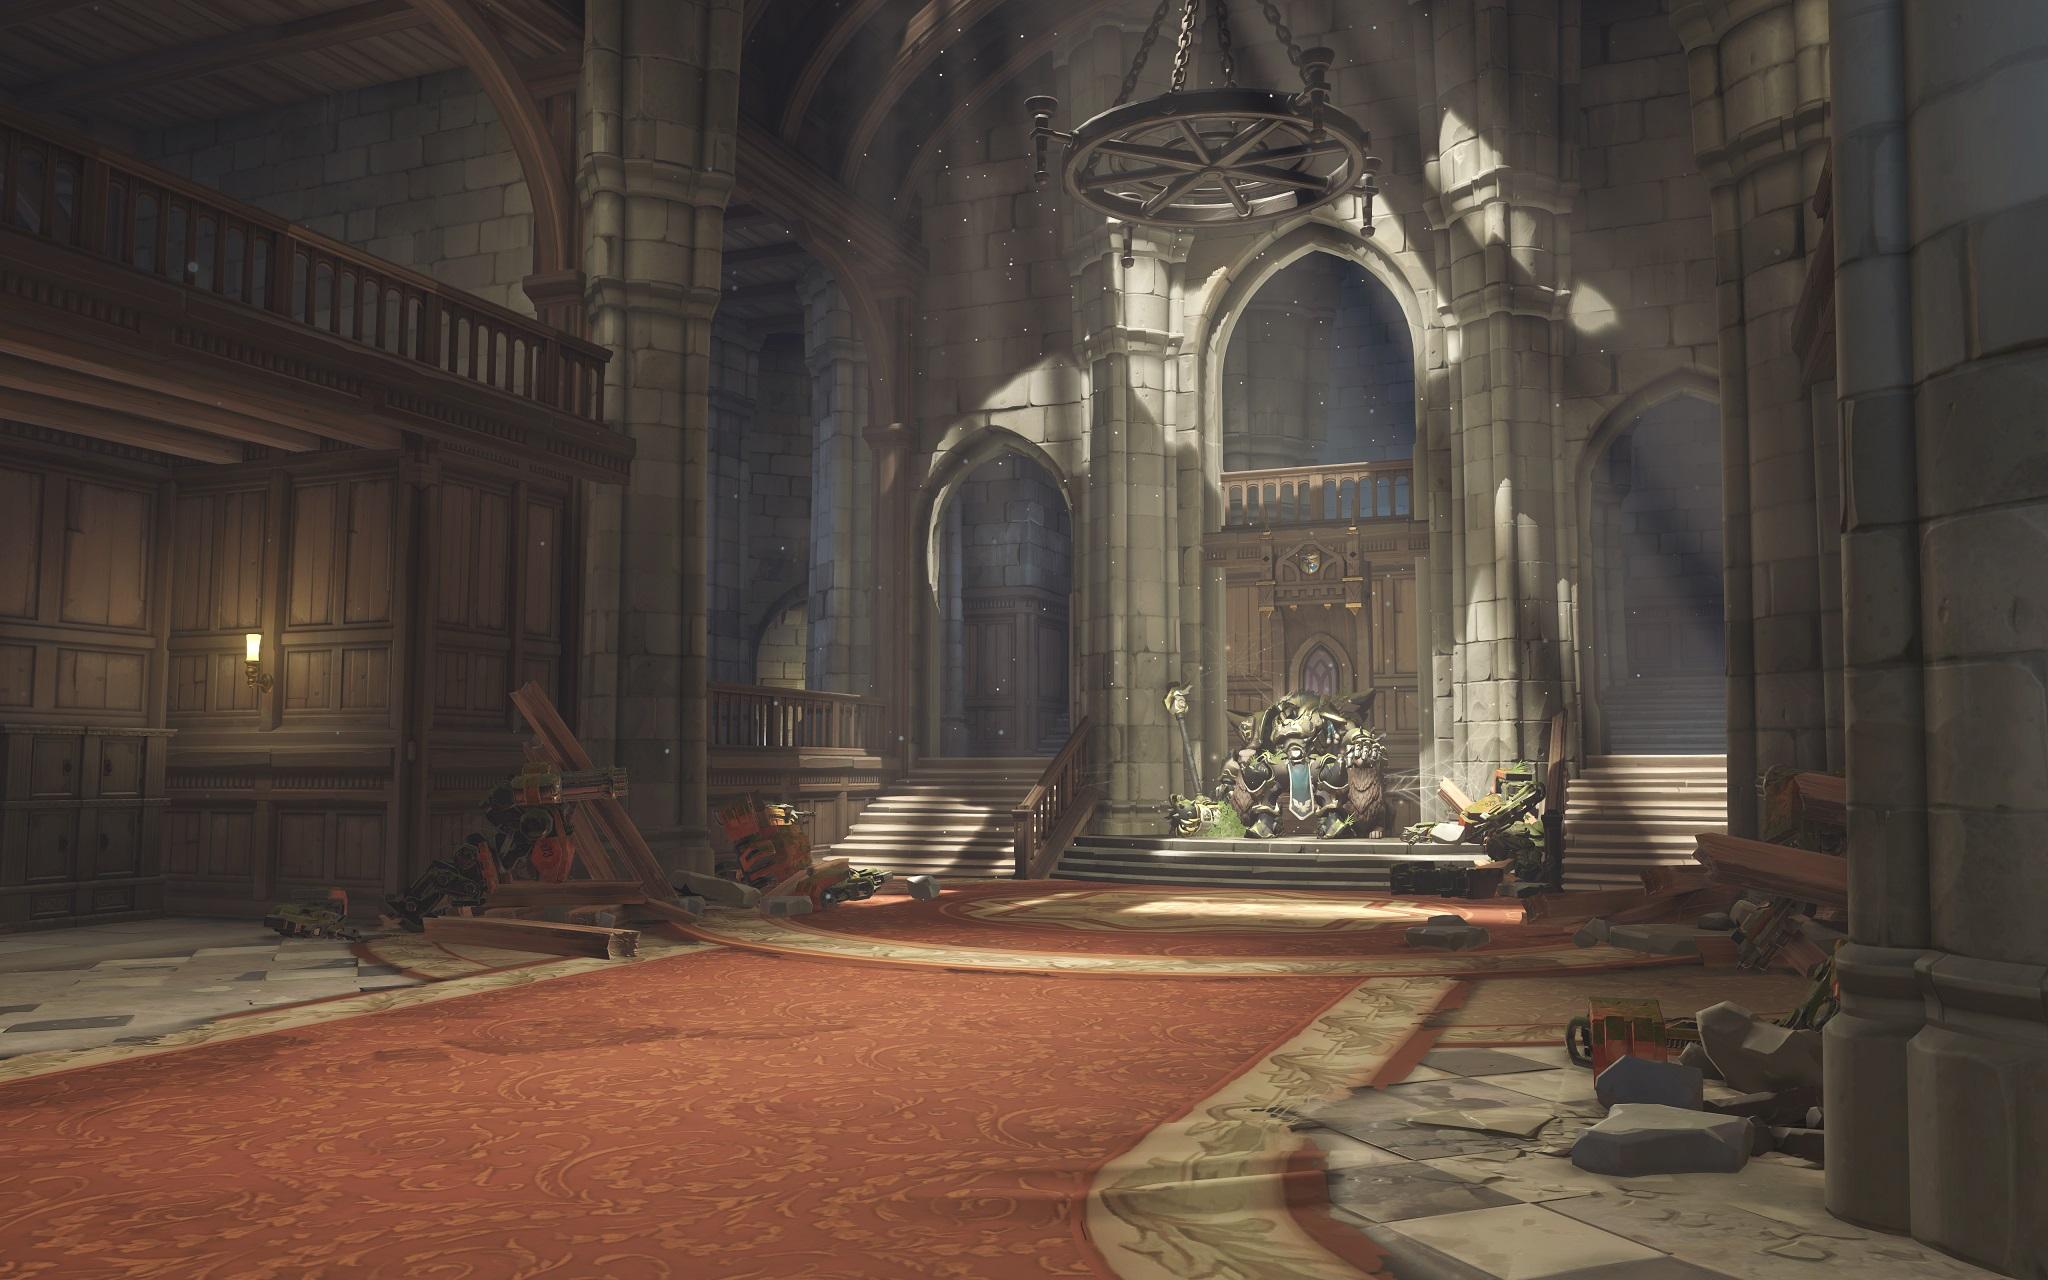 Nová mapa pro Overwatch nás zavede do hradu a přilehlého městečka v Německu 128684